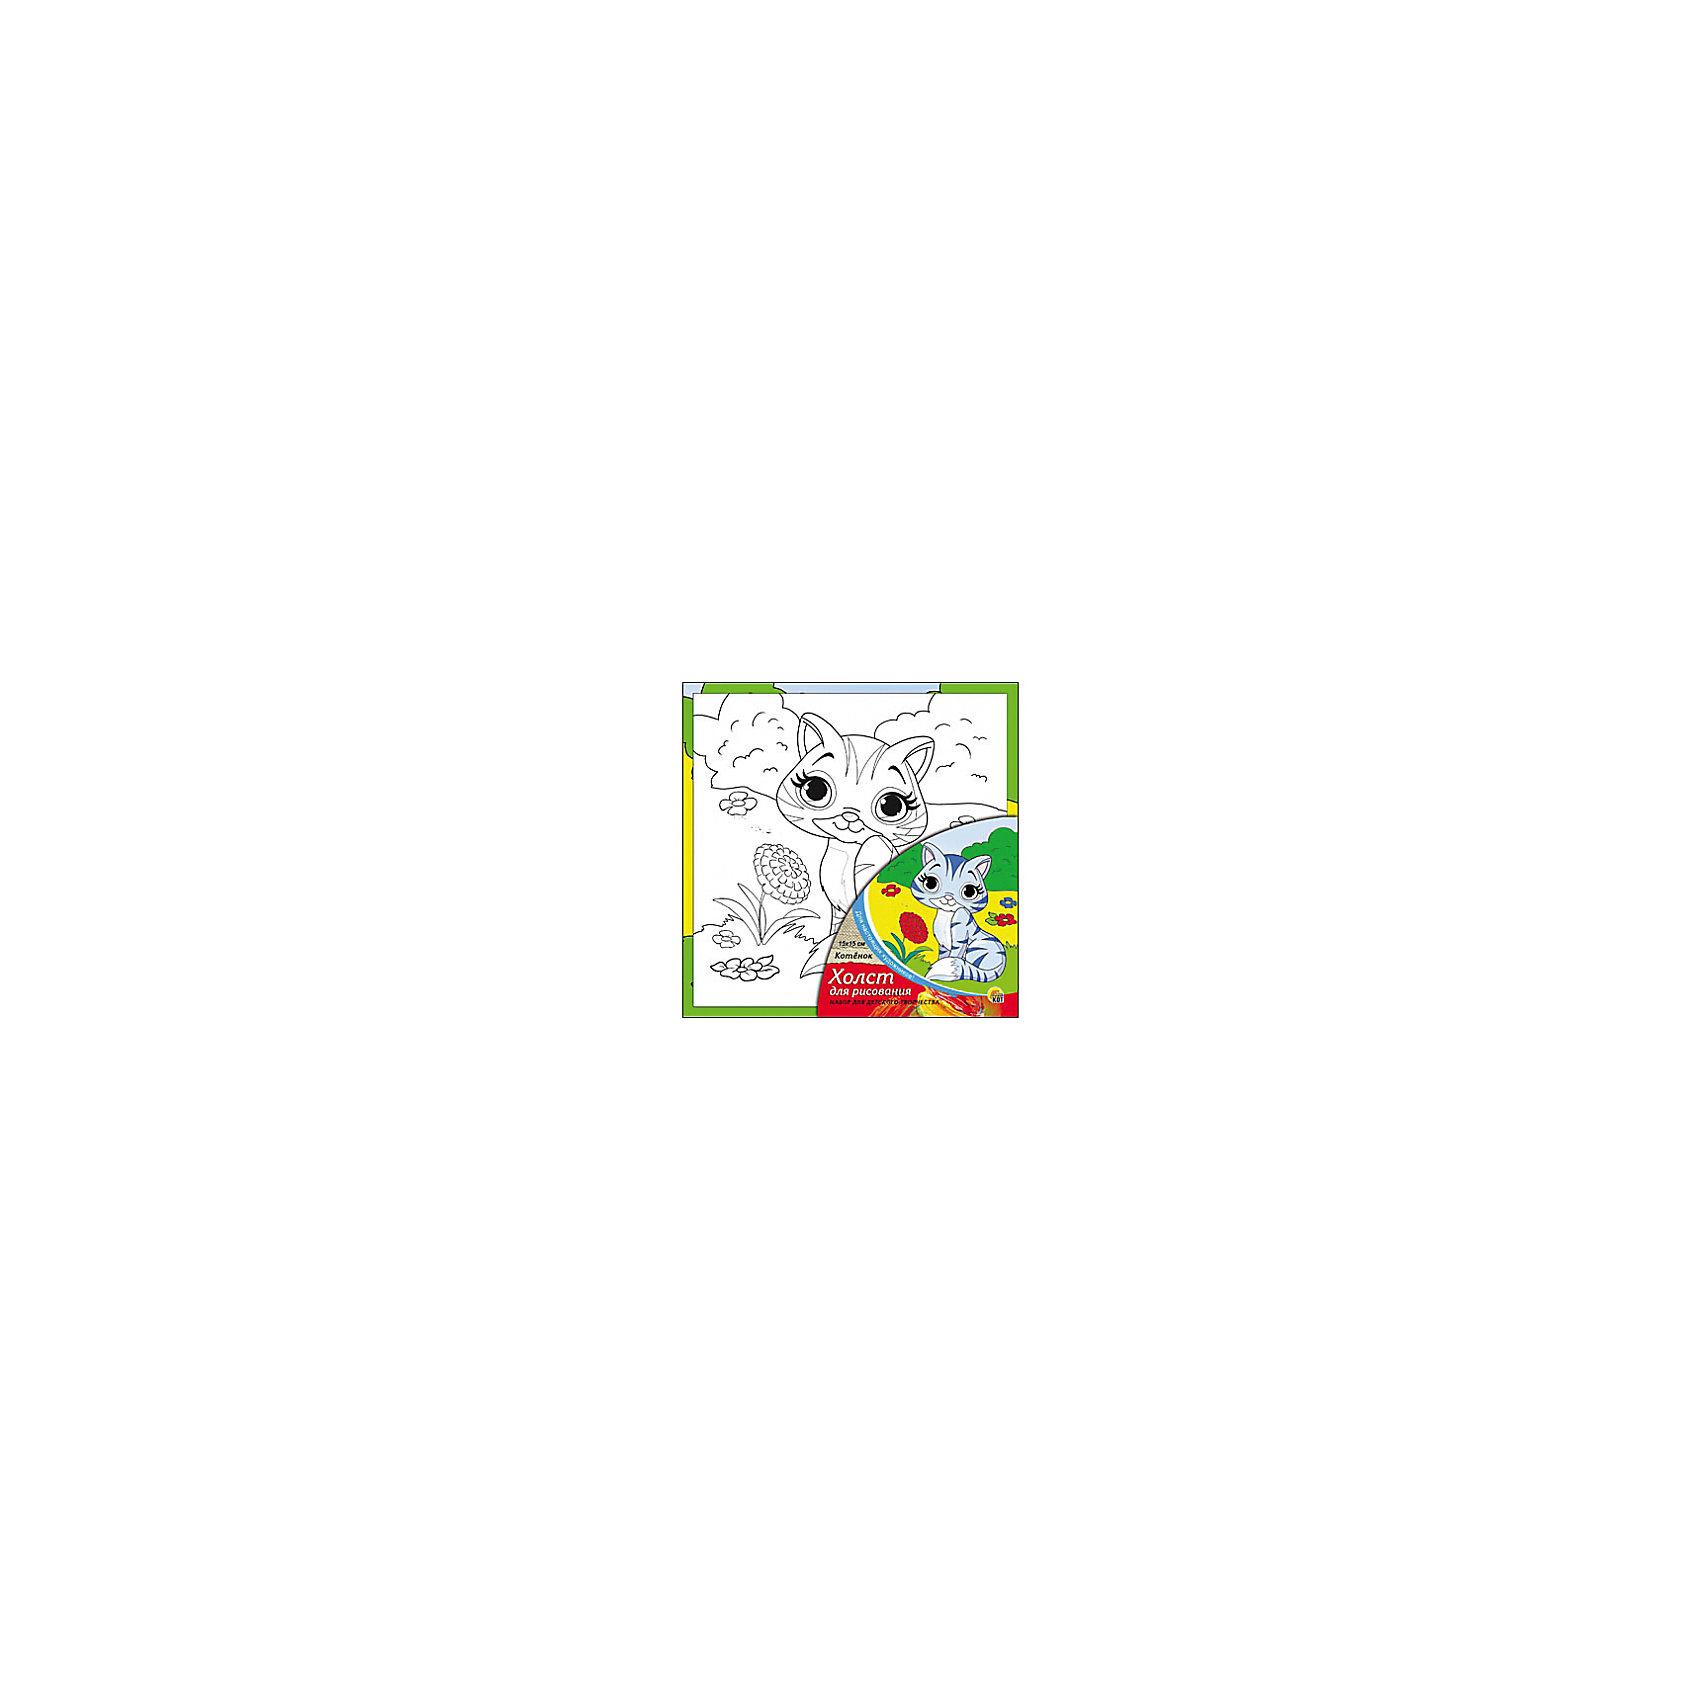 Холст с красками Котёнок 15х15 смзамечательные наборы для создания уникального шедевра изобразительного искусства. Создание картин на специально подготовленной рабочей поверхности – это уникальная техника, позволяющая делать Ваши шедевры более яркими и реалистичными. Просто нанесите мазки на уже готовый эскиз и оживите картину! Готовые изделия могут стать украшением интерьера или прекрасным подарком близким и друзьям.<br><br>Ширина мм: 150<br>Глубина мм: 150<br>Высота мм: 15<br>Вес г: 838<br>Возраст от месяцев: 36<br>Возраст до месяцев: 108<br>Пол: Унисекс<br>Возраст: Детский<br>SKU: 5096733